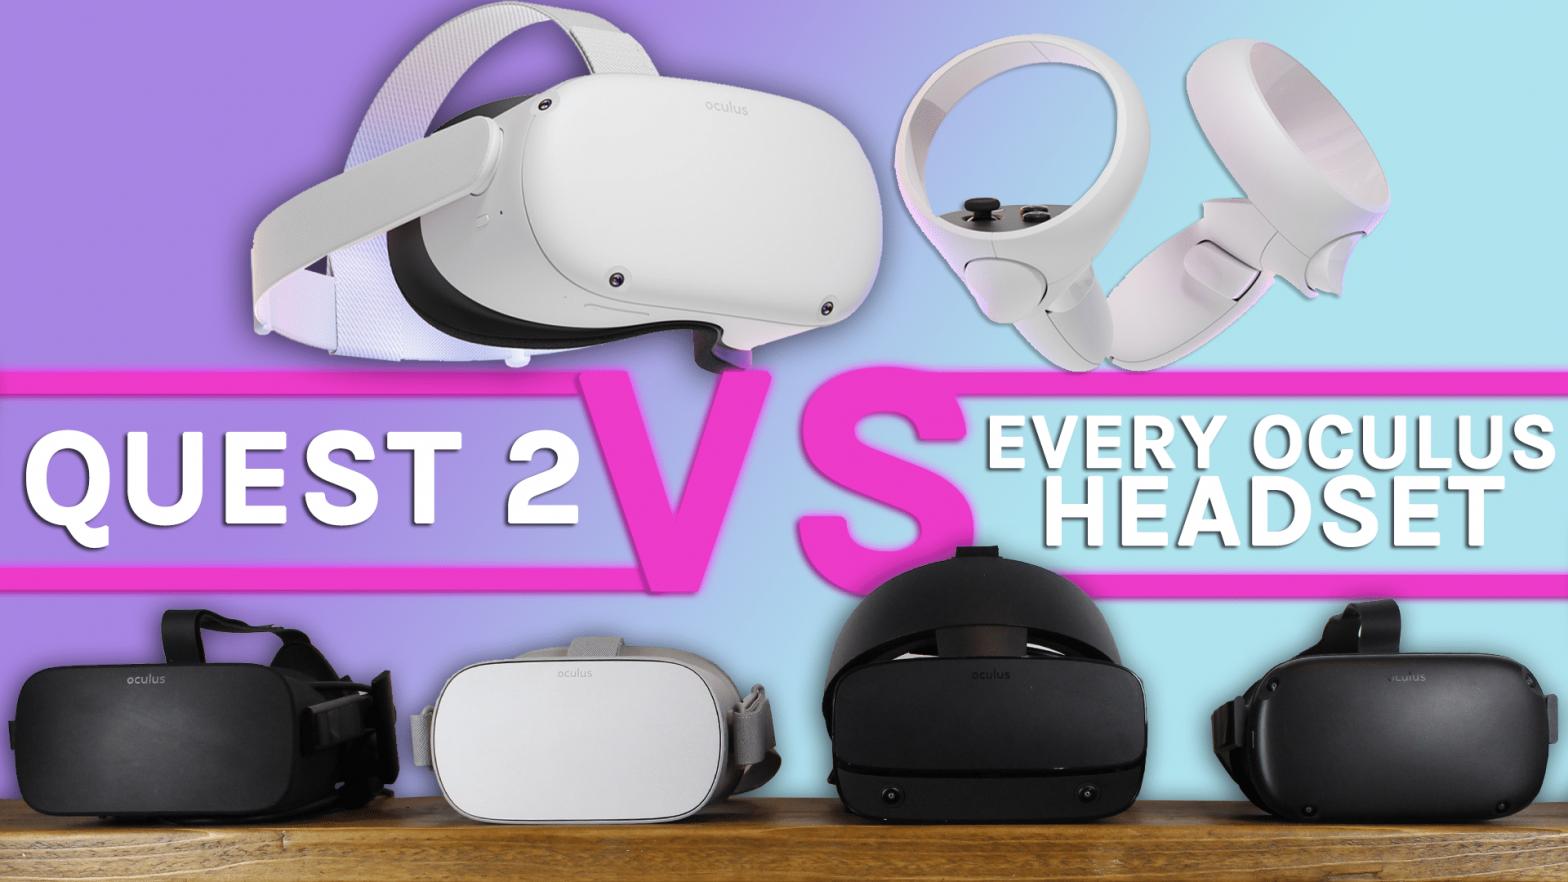 L'Oculus Quest 2 contre tous les casques